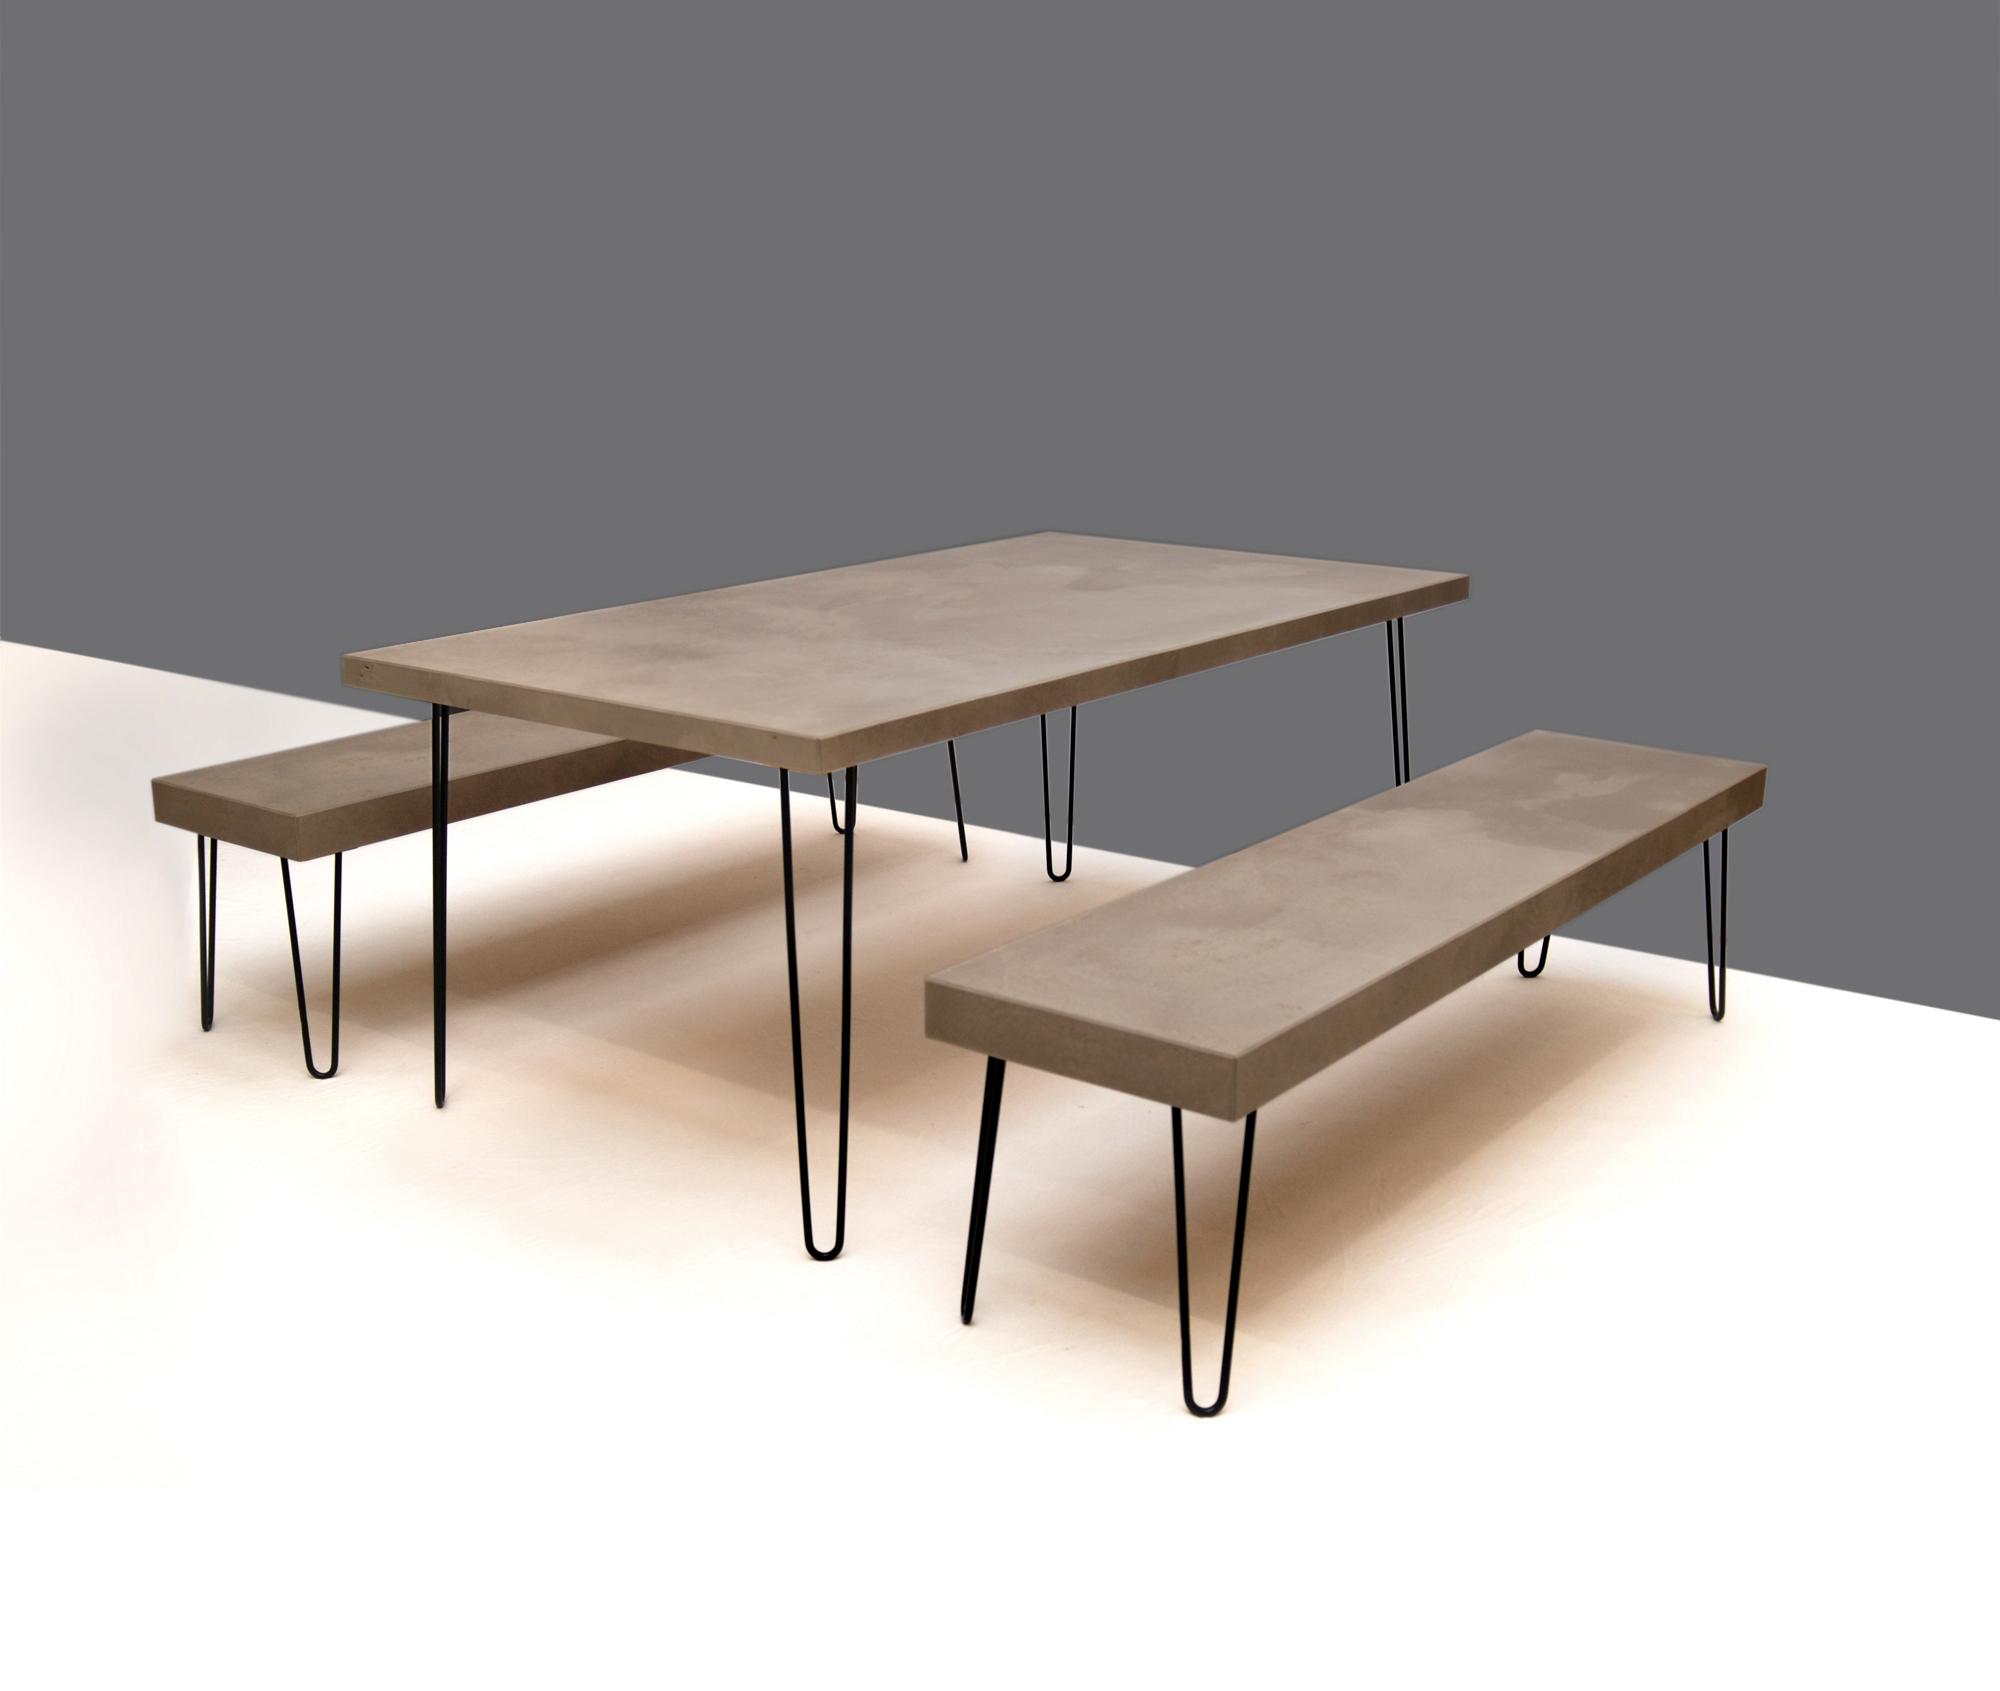 betonsitzbank,betonsitzgarnitur,beton bank, beton tisch von messoni